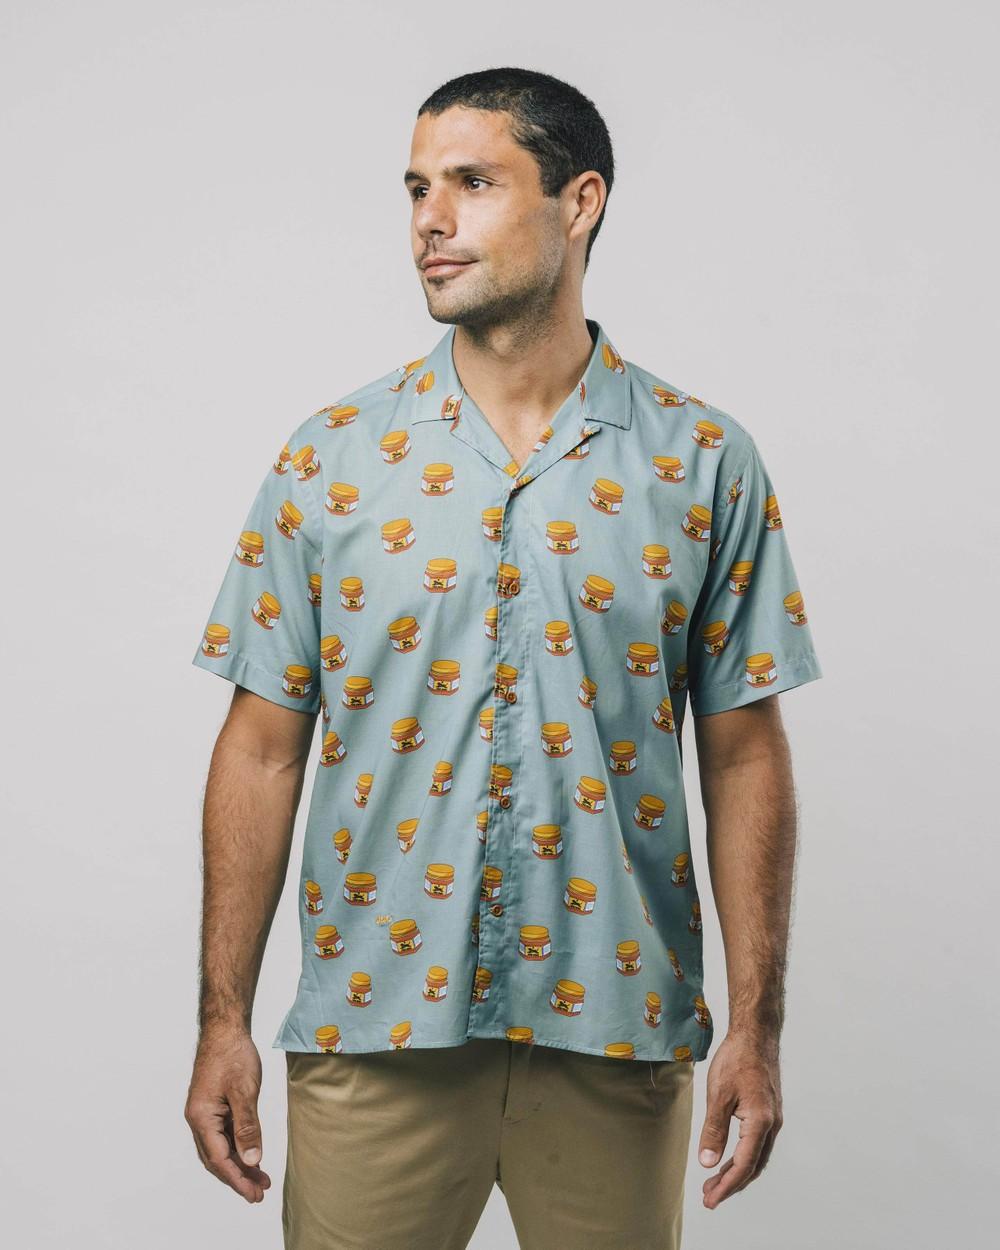 Tiger brava aloha shirt - Brava Fabrics